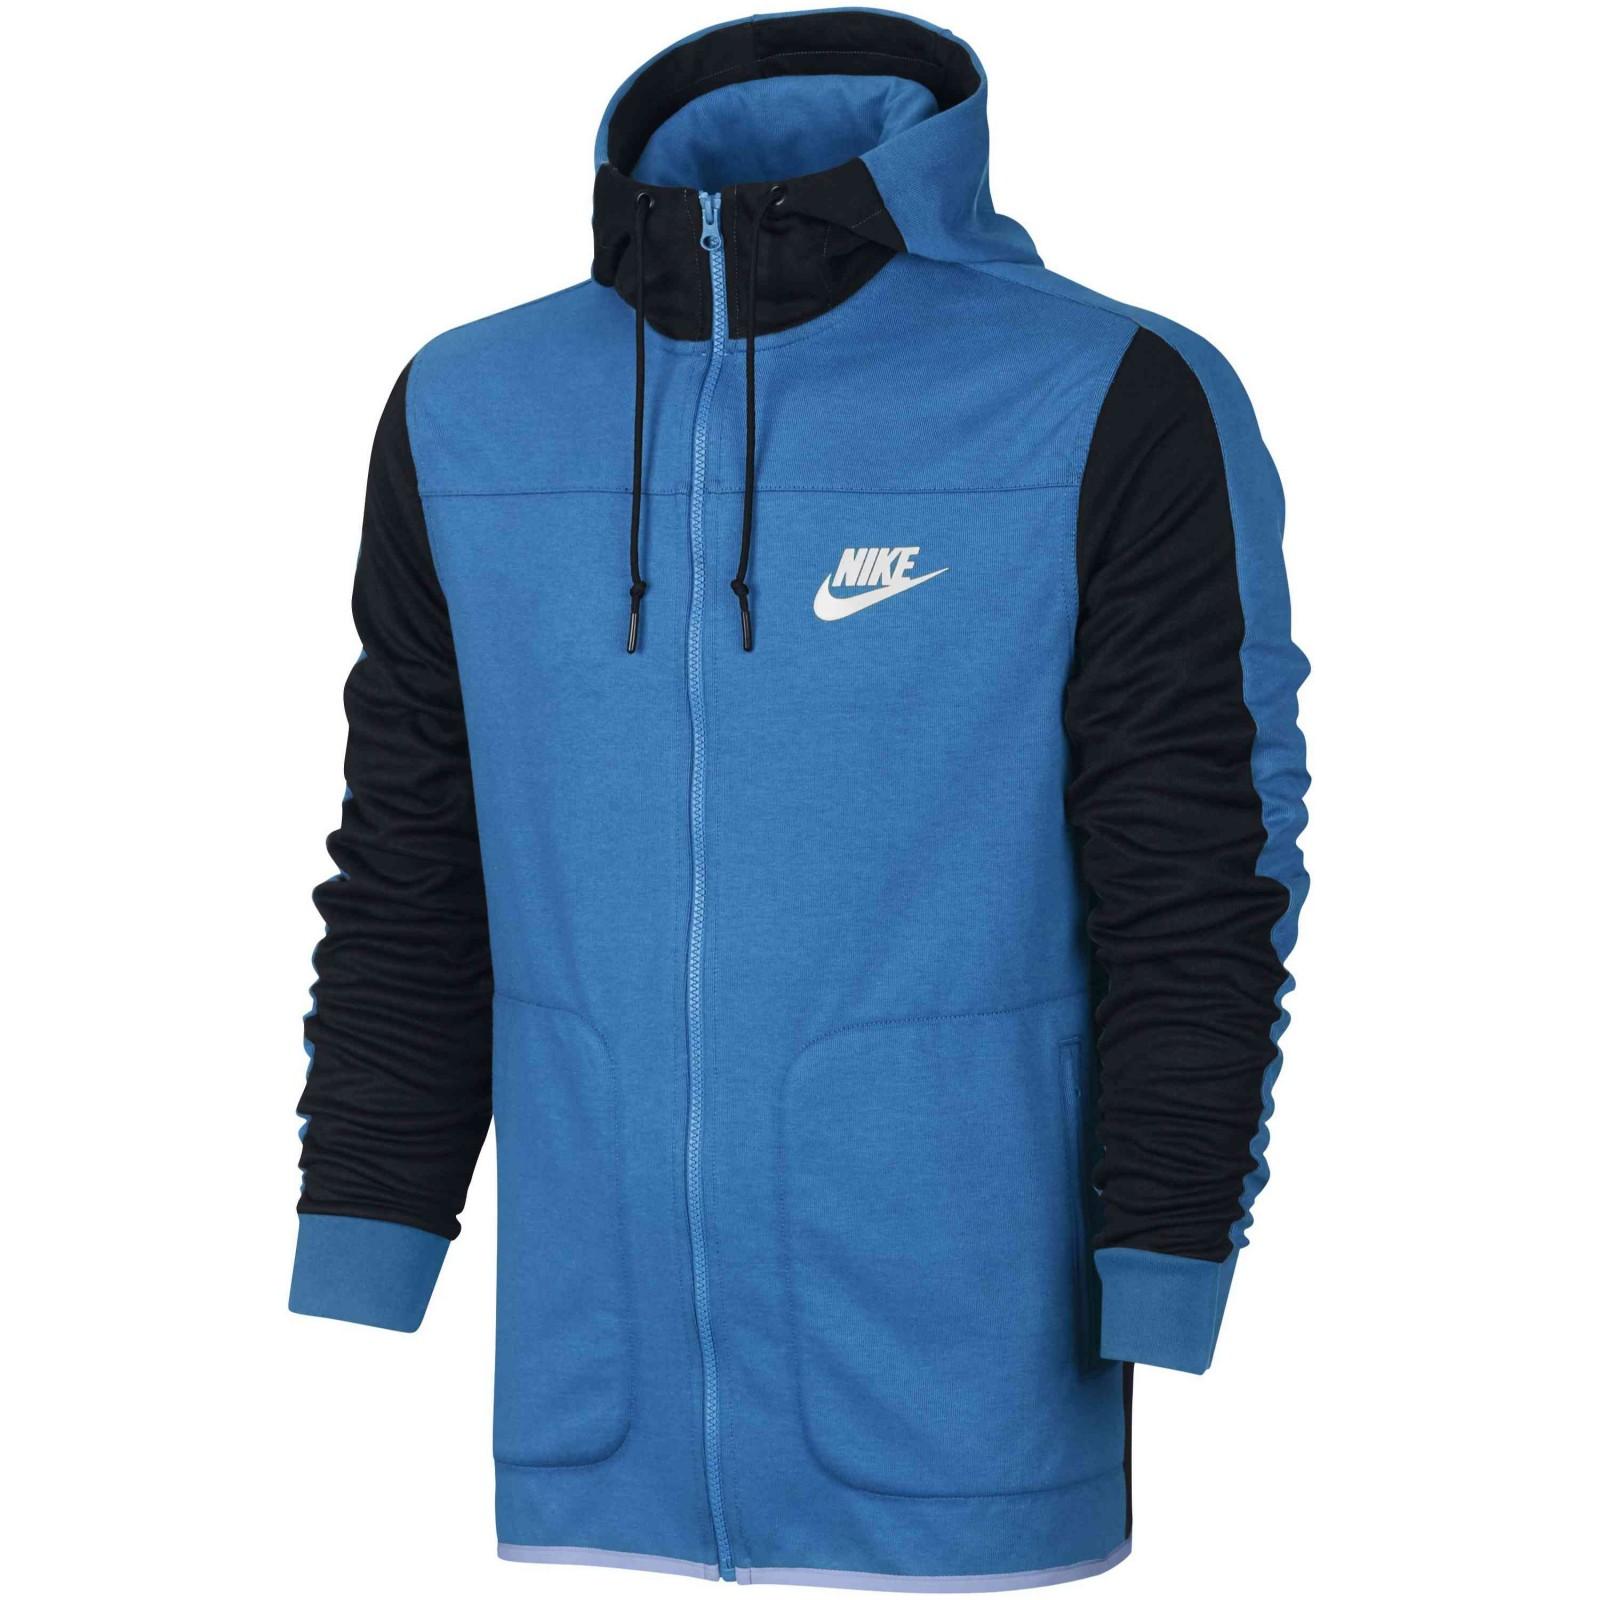 146b6b7cdf6b Pánská mikina Nike M NSW AV15 HOODIE FZ FLC